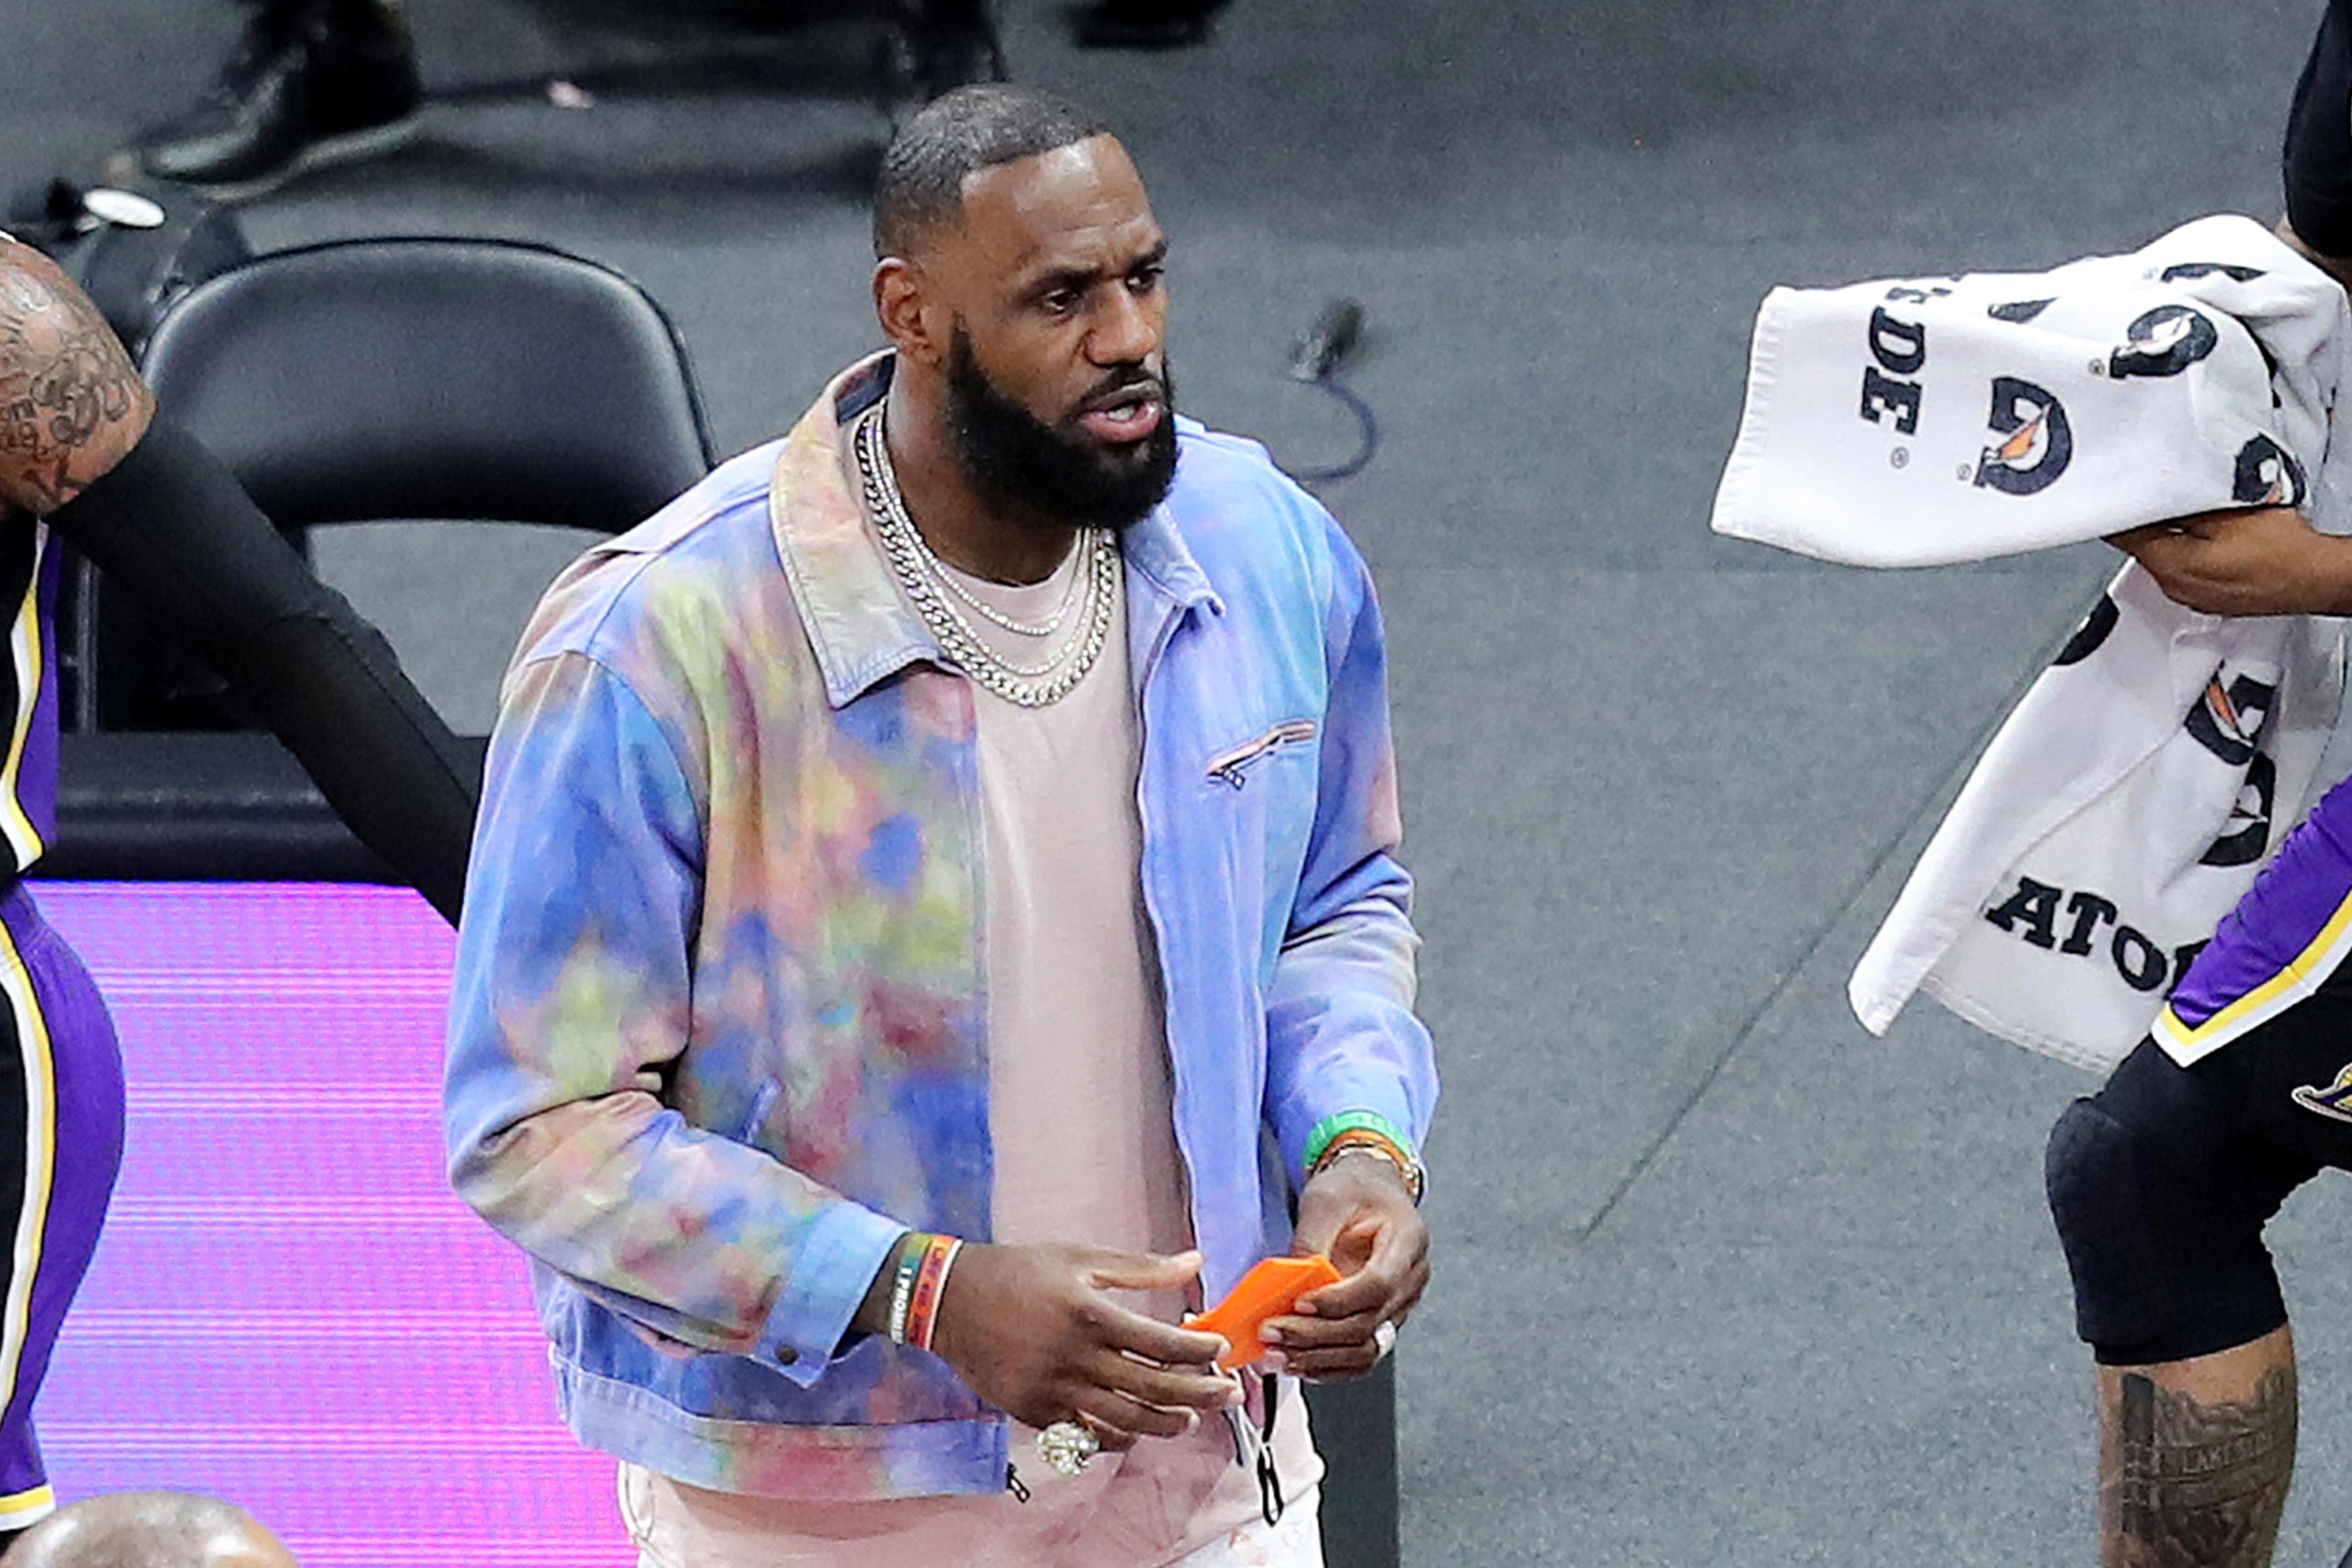 2021年4月26日,在佛罗里达州奥兰多的安利中心,洛杉矶湖人队的勒布朗·詹姆斯在与奥兰多魔术队的比赛中受伤。